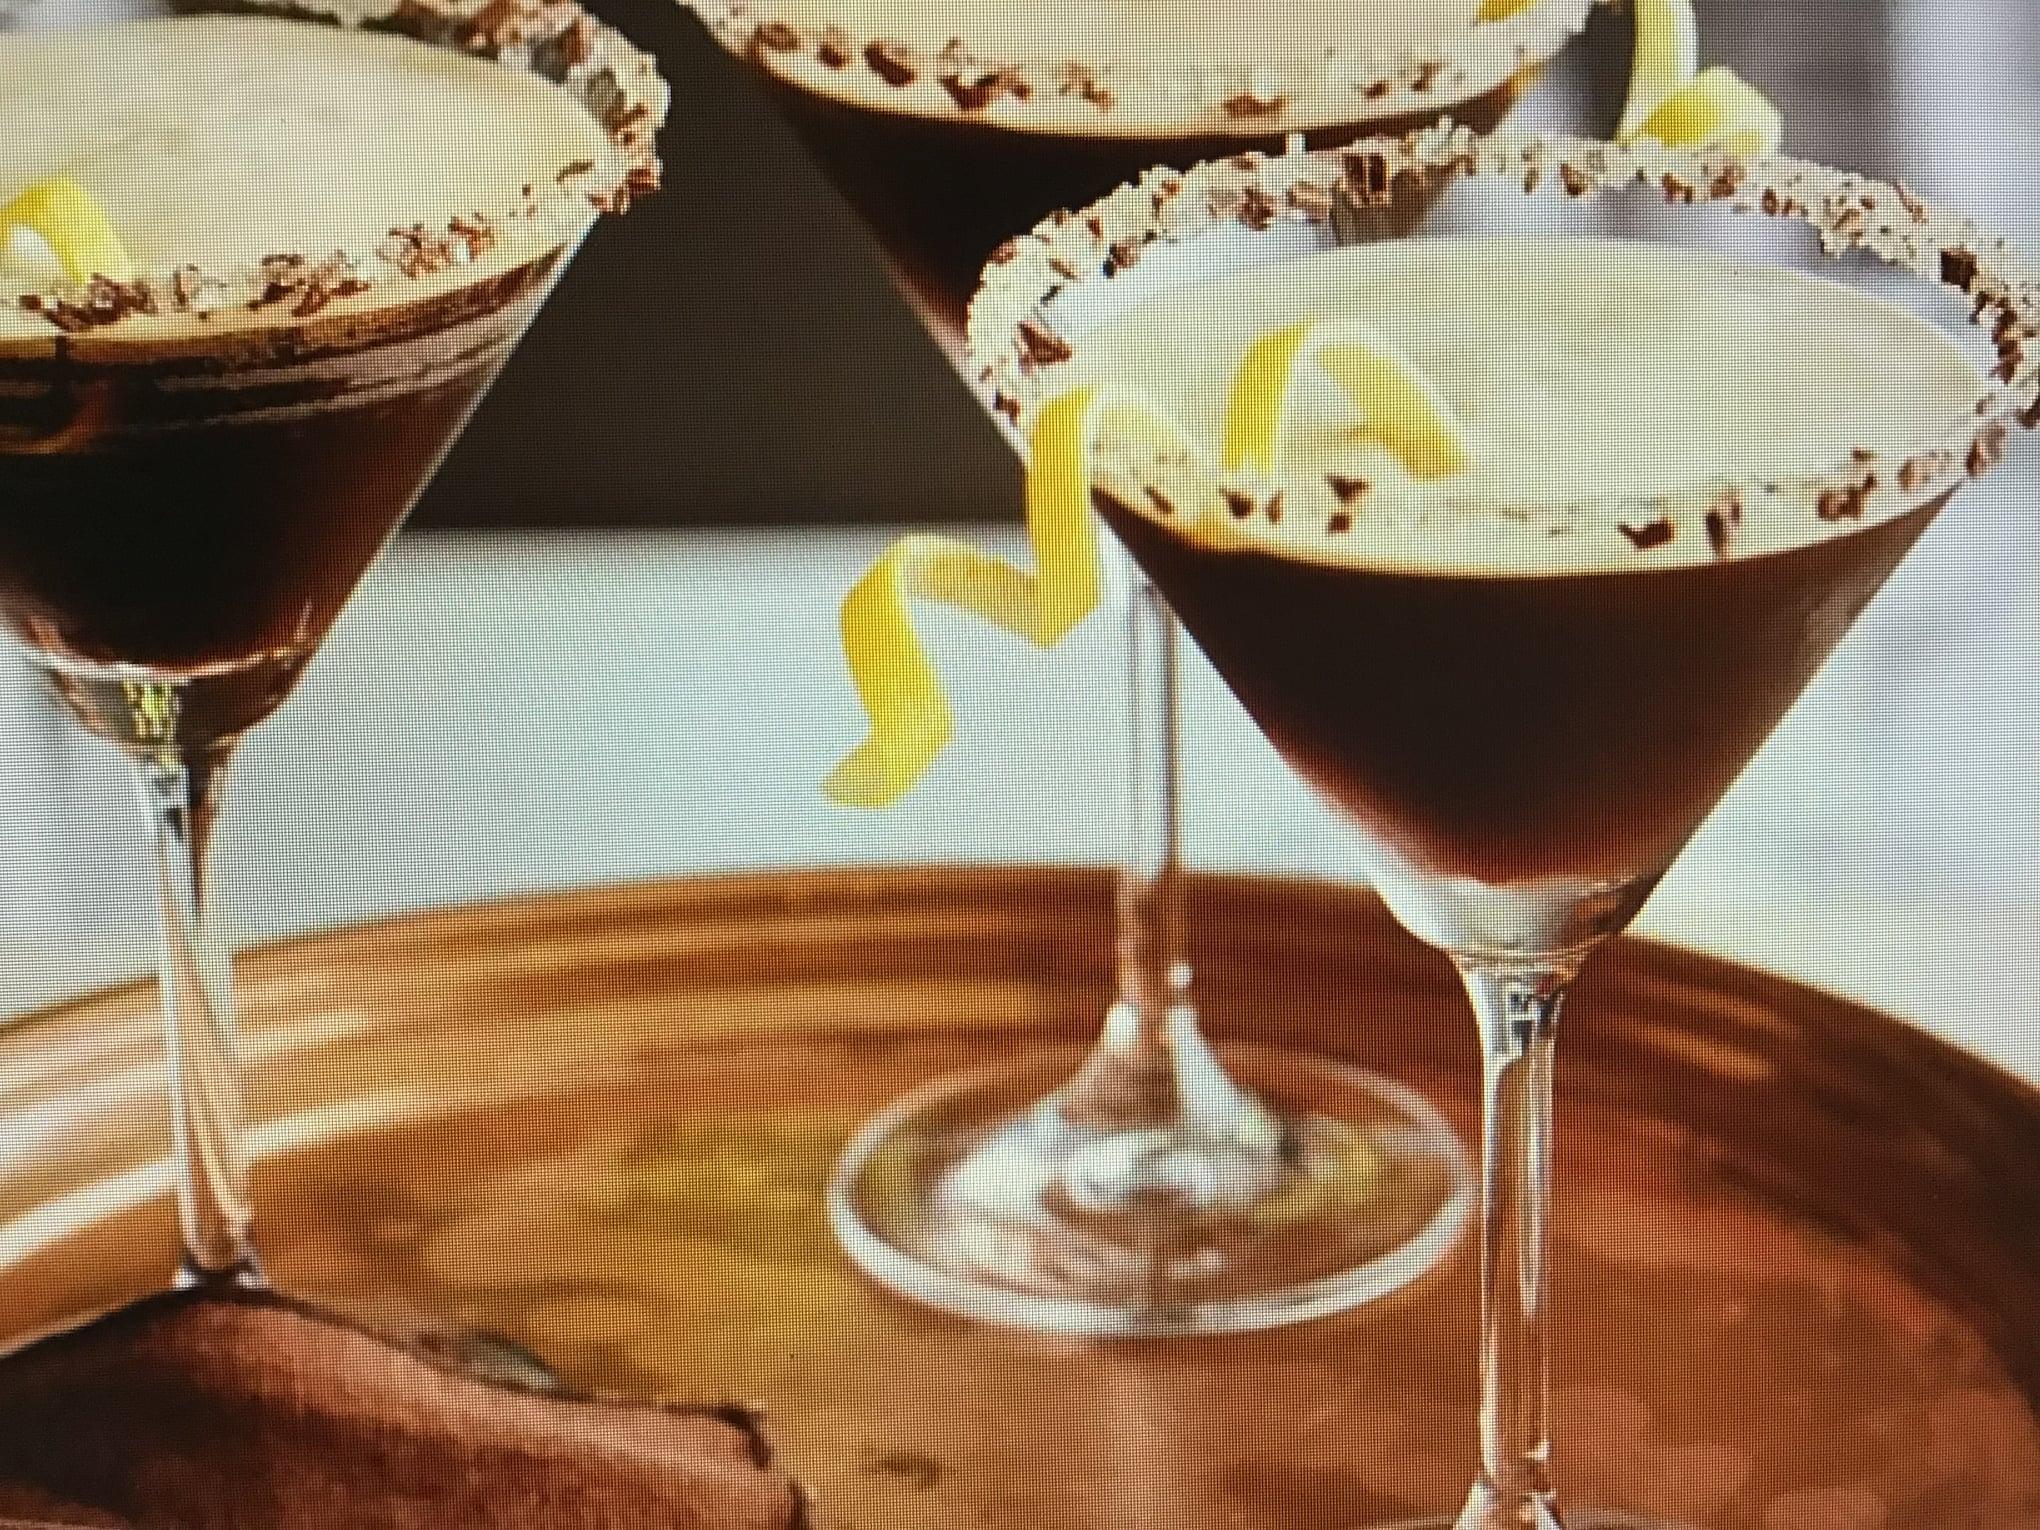 Holiday White Chocolate Cherry Martini